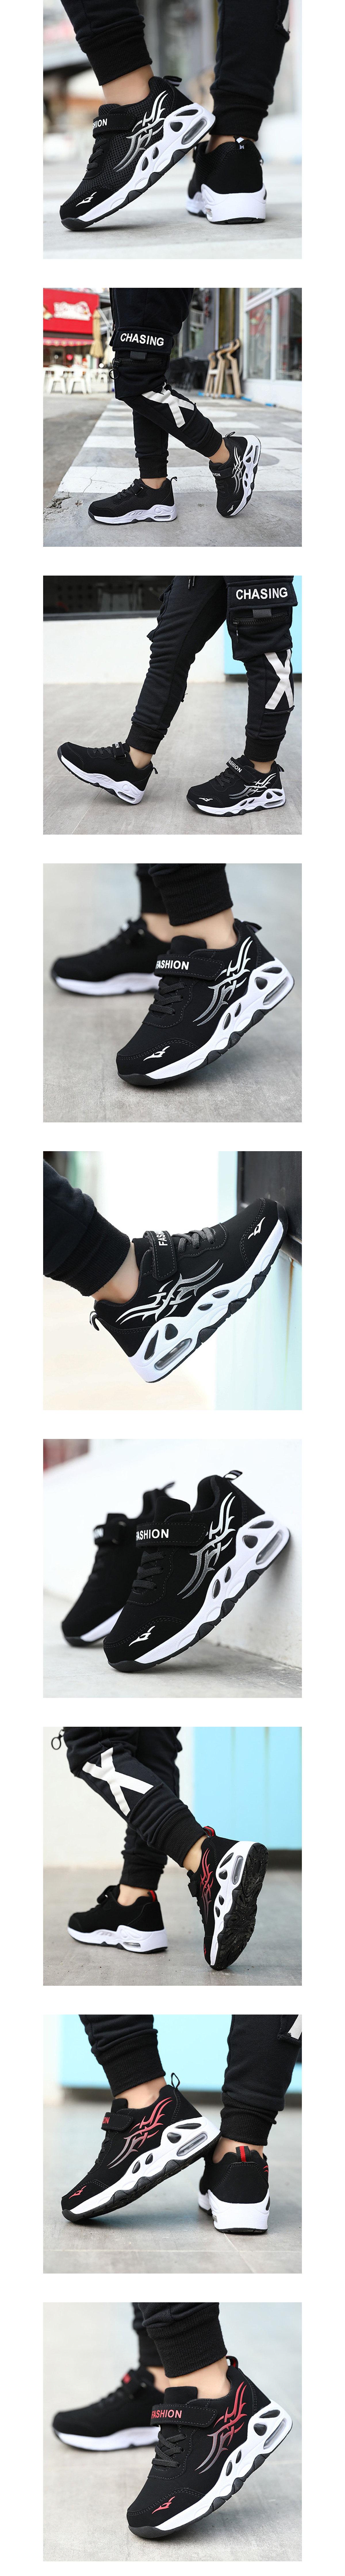 童鞋.側邊藝術紋網面大底氣墊鞋.童裝